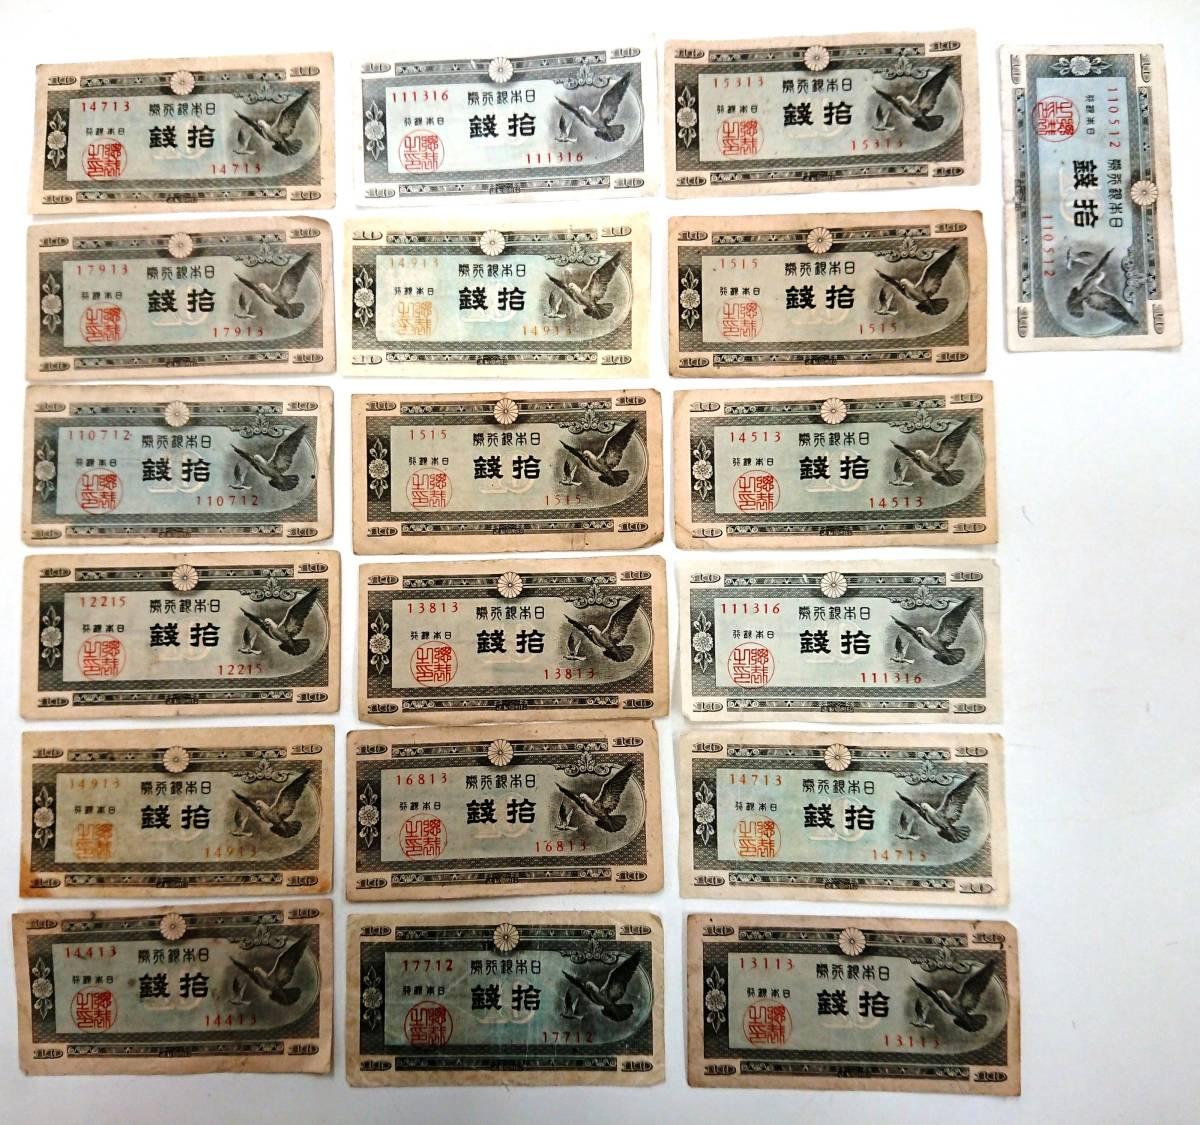 ☆古紙幣 大正小額10銭、議事堂10円、板垣50銭、はと10銭19枚他まとめて32枚【中品】☆_画像4